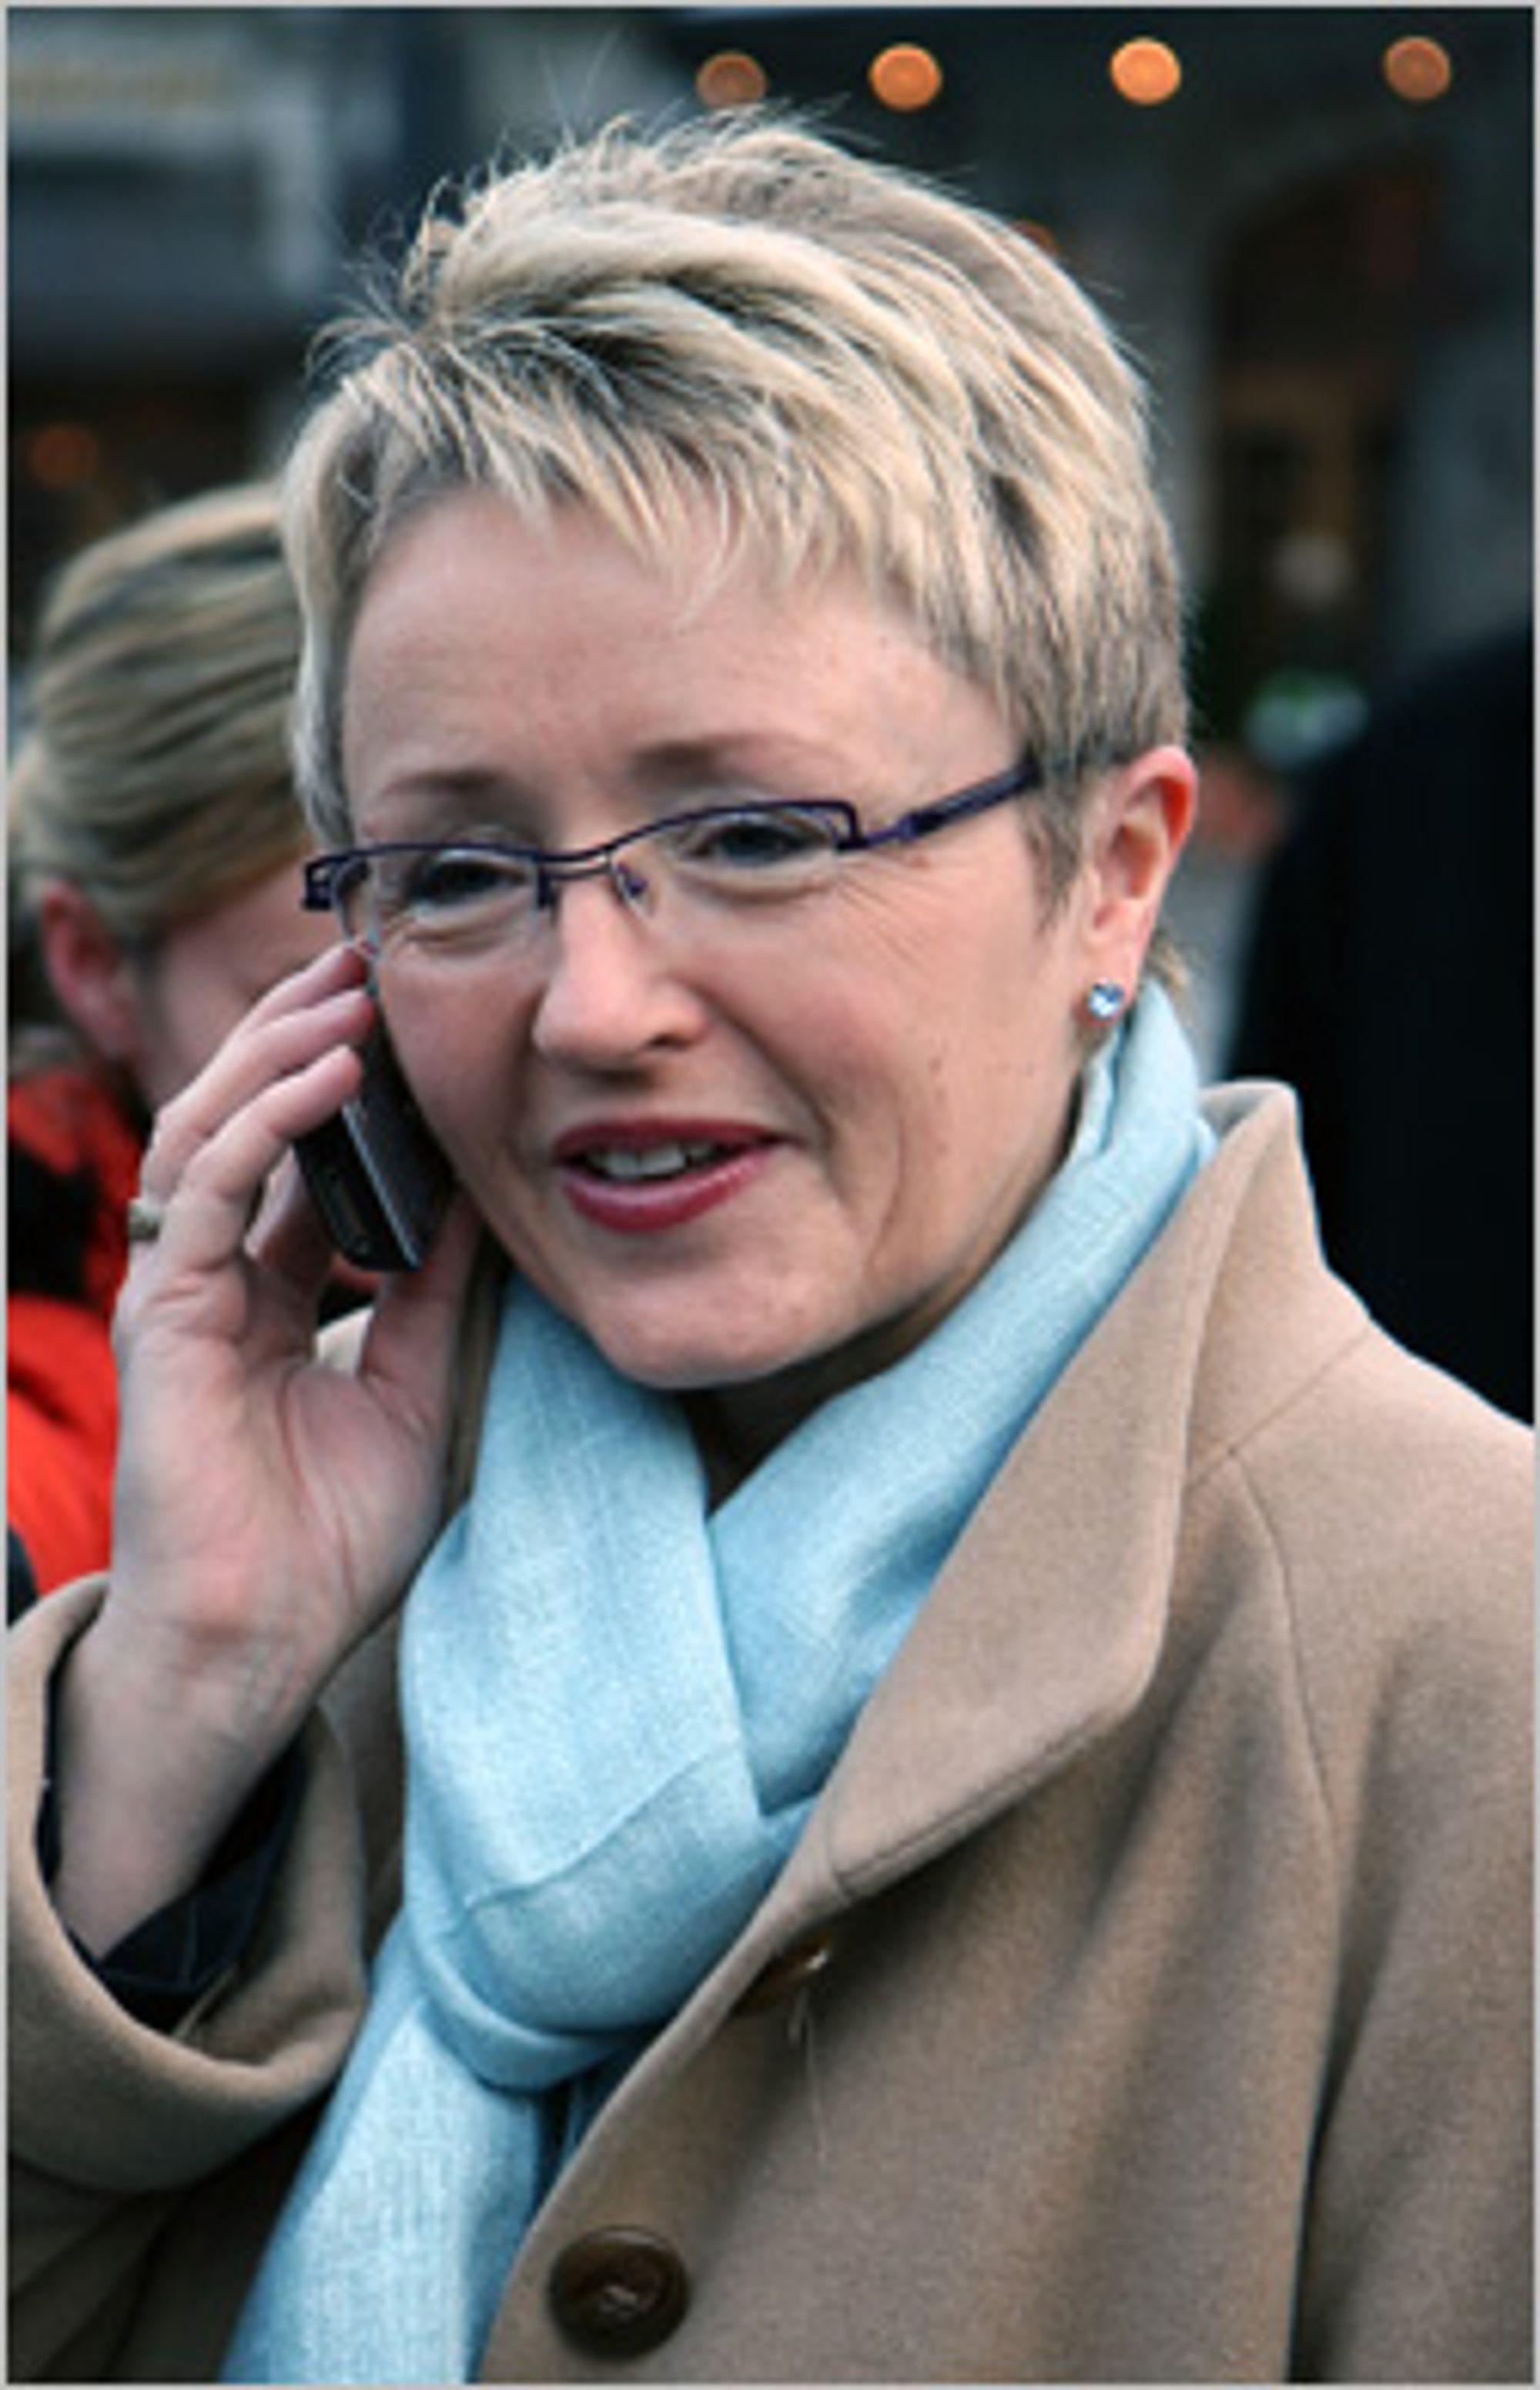 Samferdselsminister Navarsete ringer Network Norways første mobilsamtale